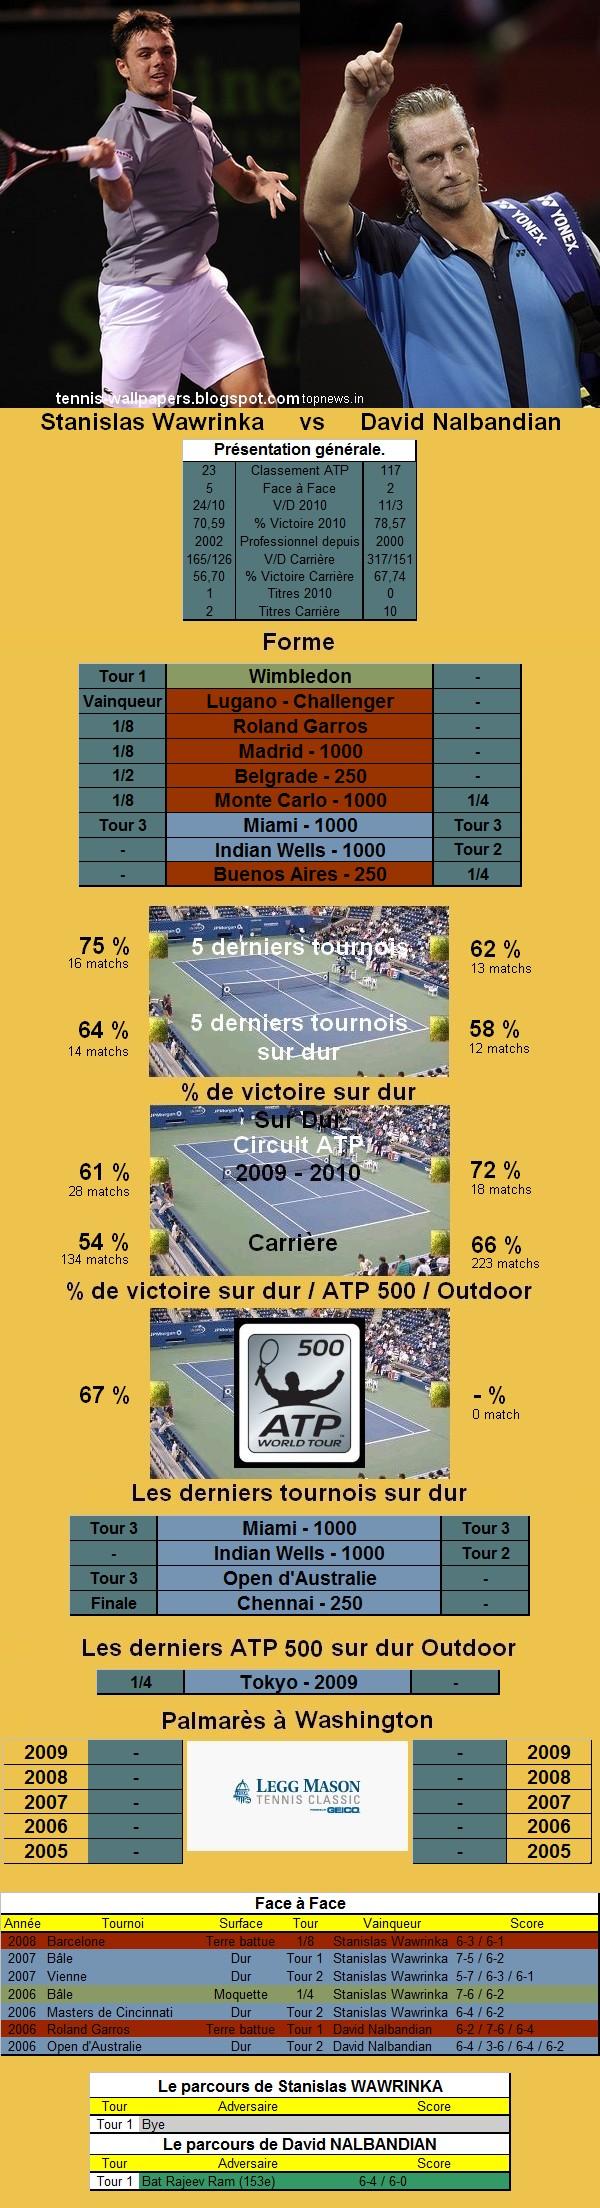 Statistiques tennis de Wawrinka contre Nalbandian à Washington